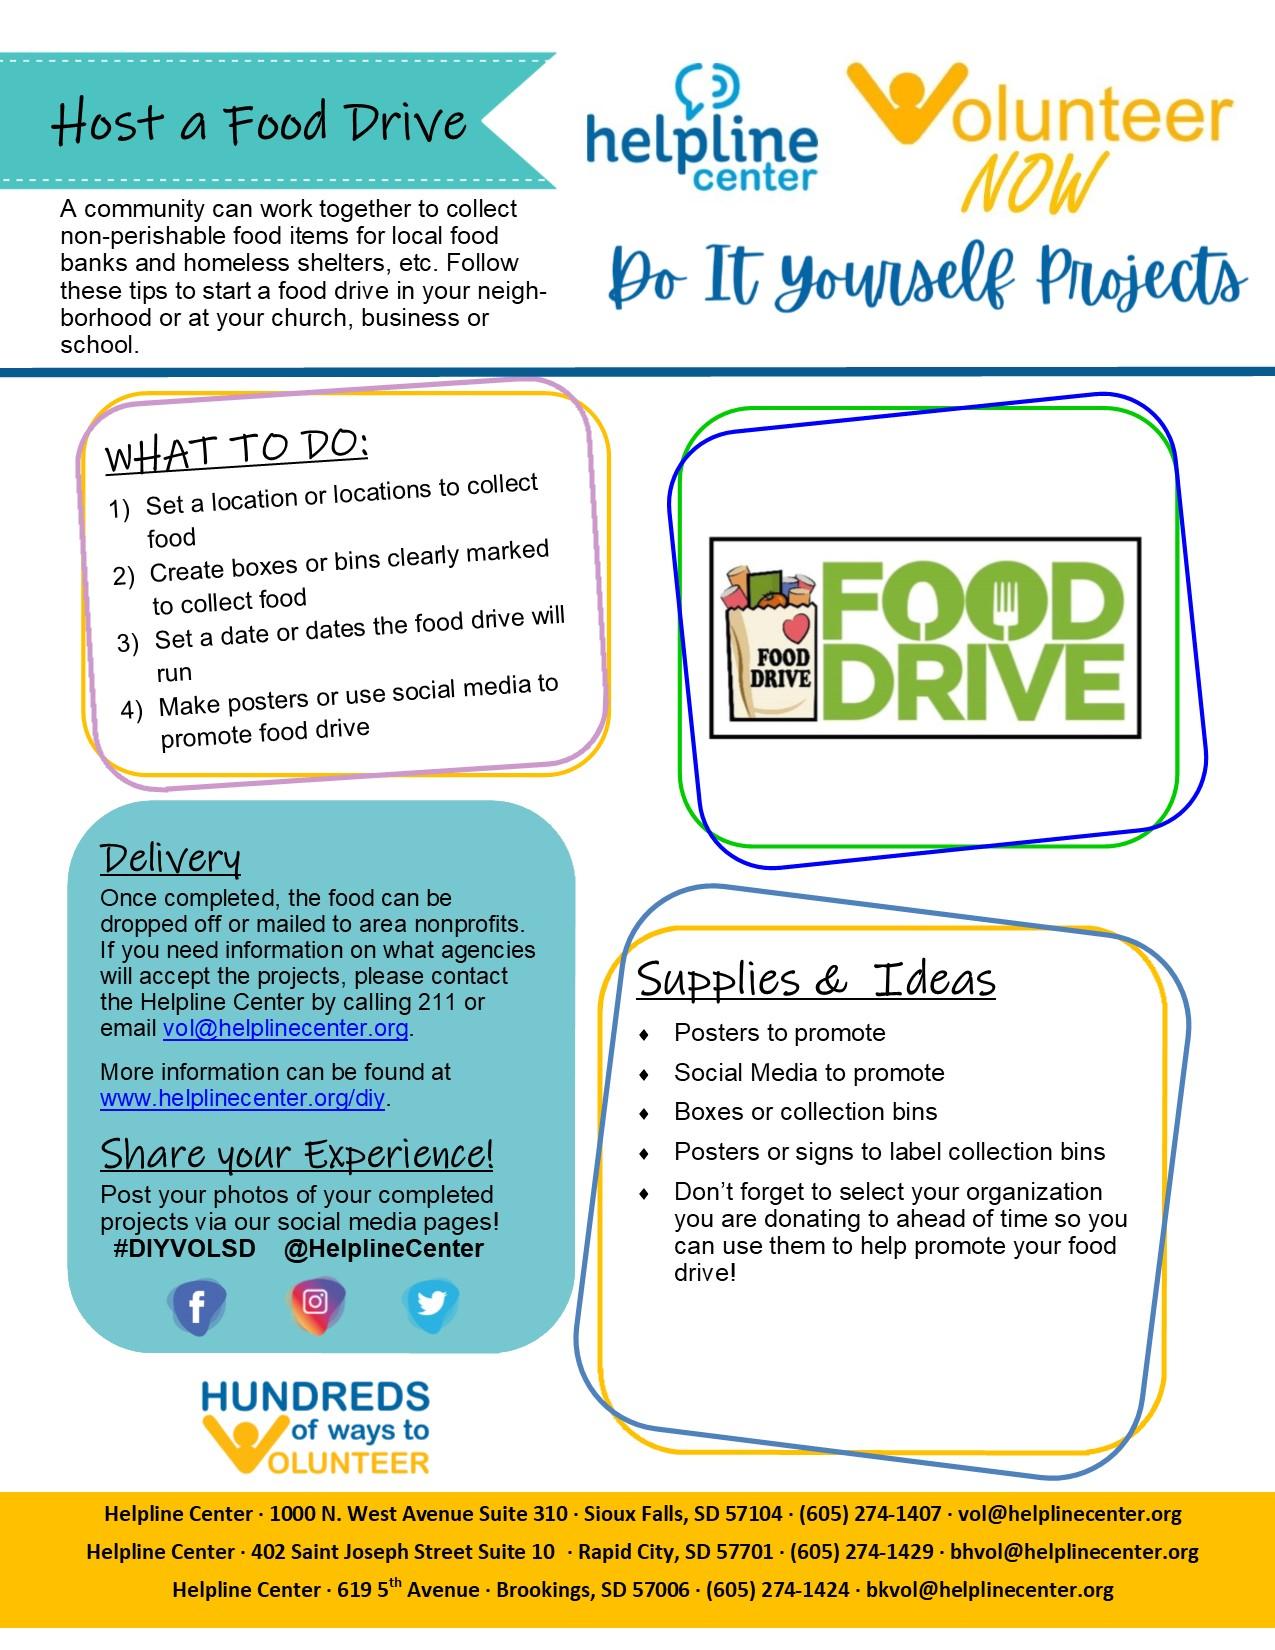 DIY Volunteer - Food Drive